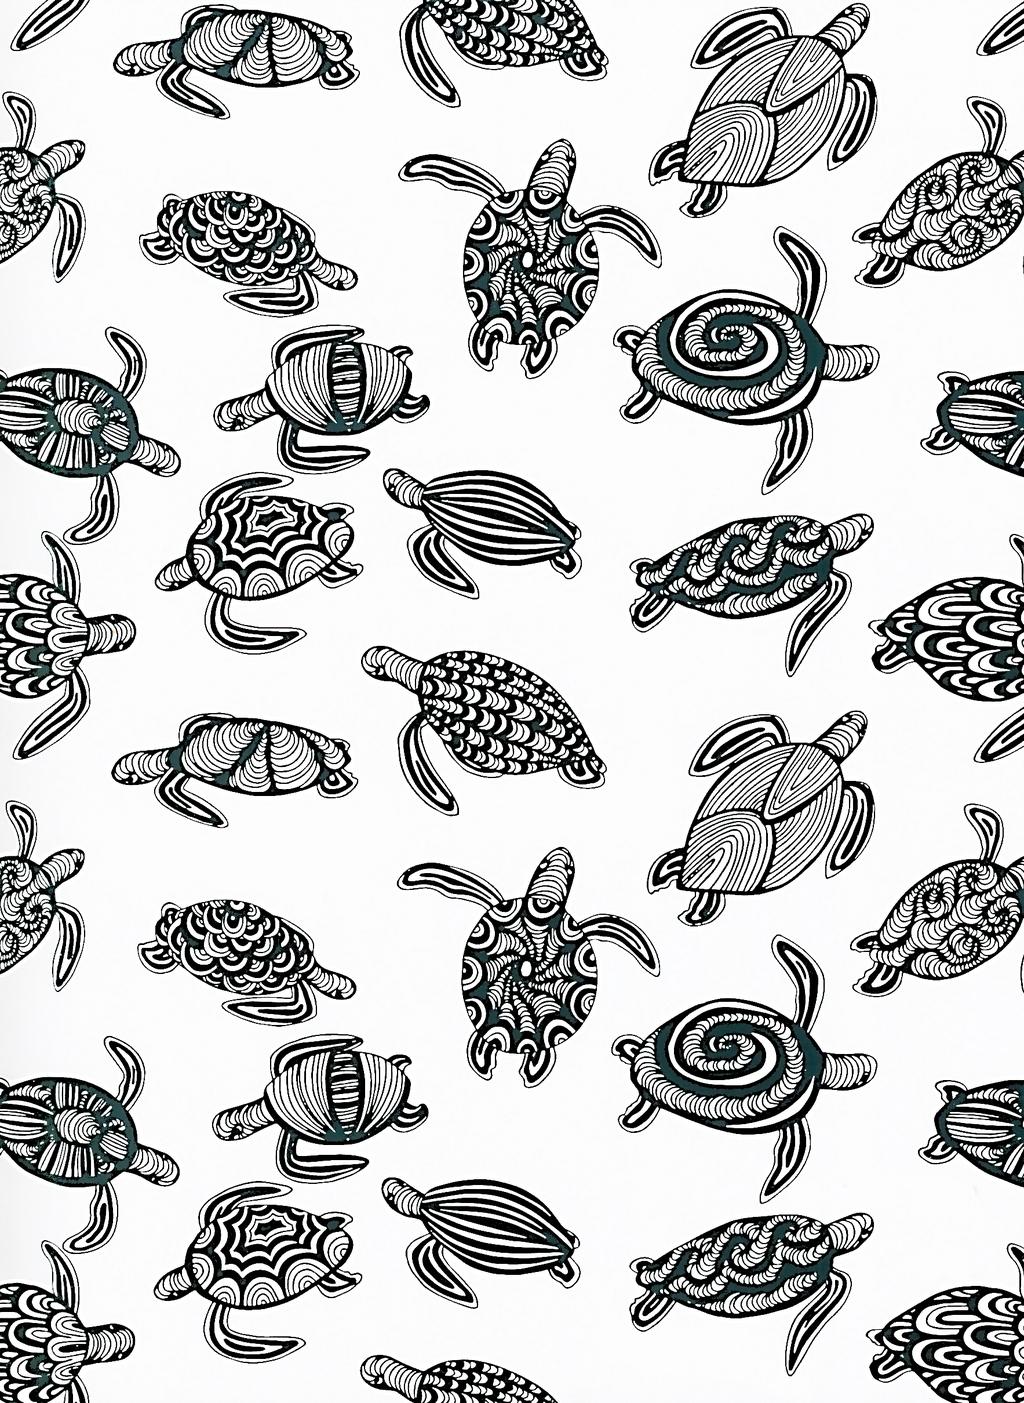 产品图案设计 家纺家饰图案 动物图案 > 手绘工笔画黑白线描稿背景